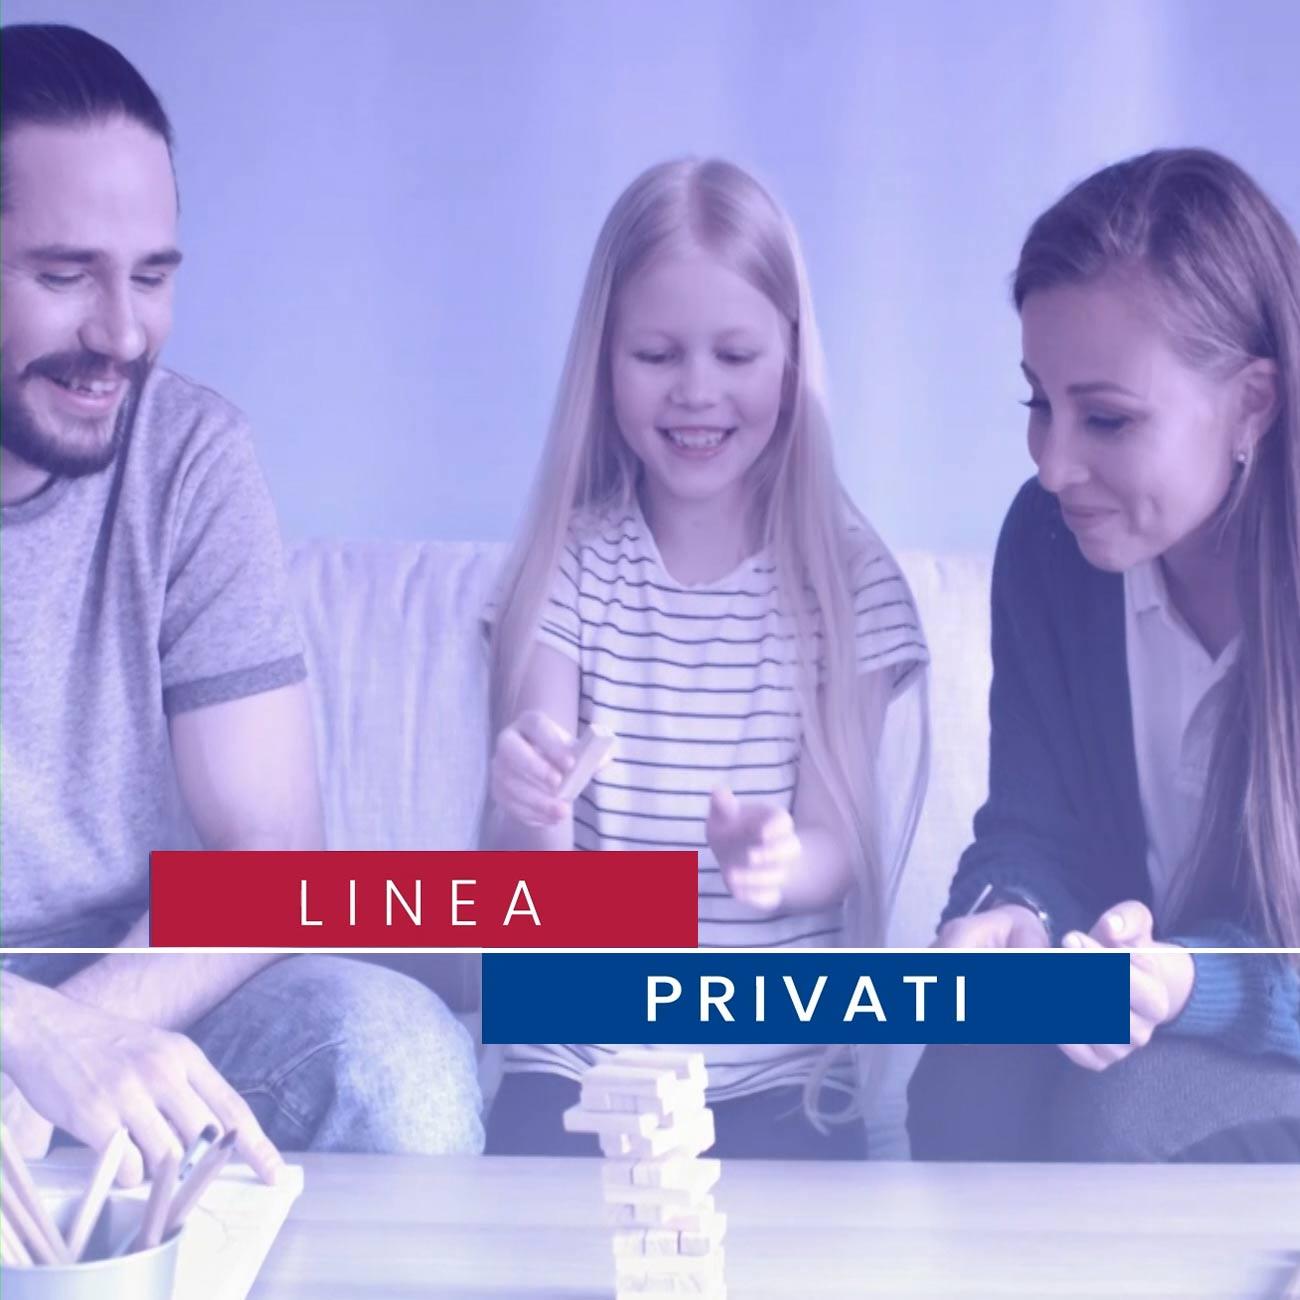 Linea privati